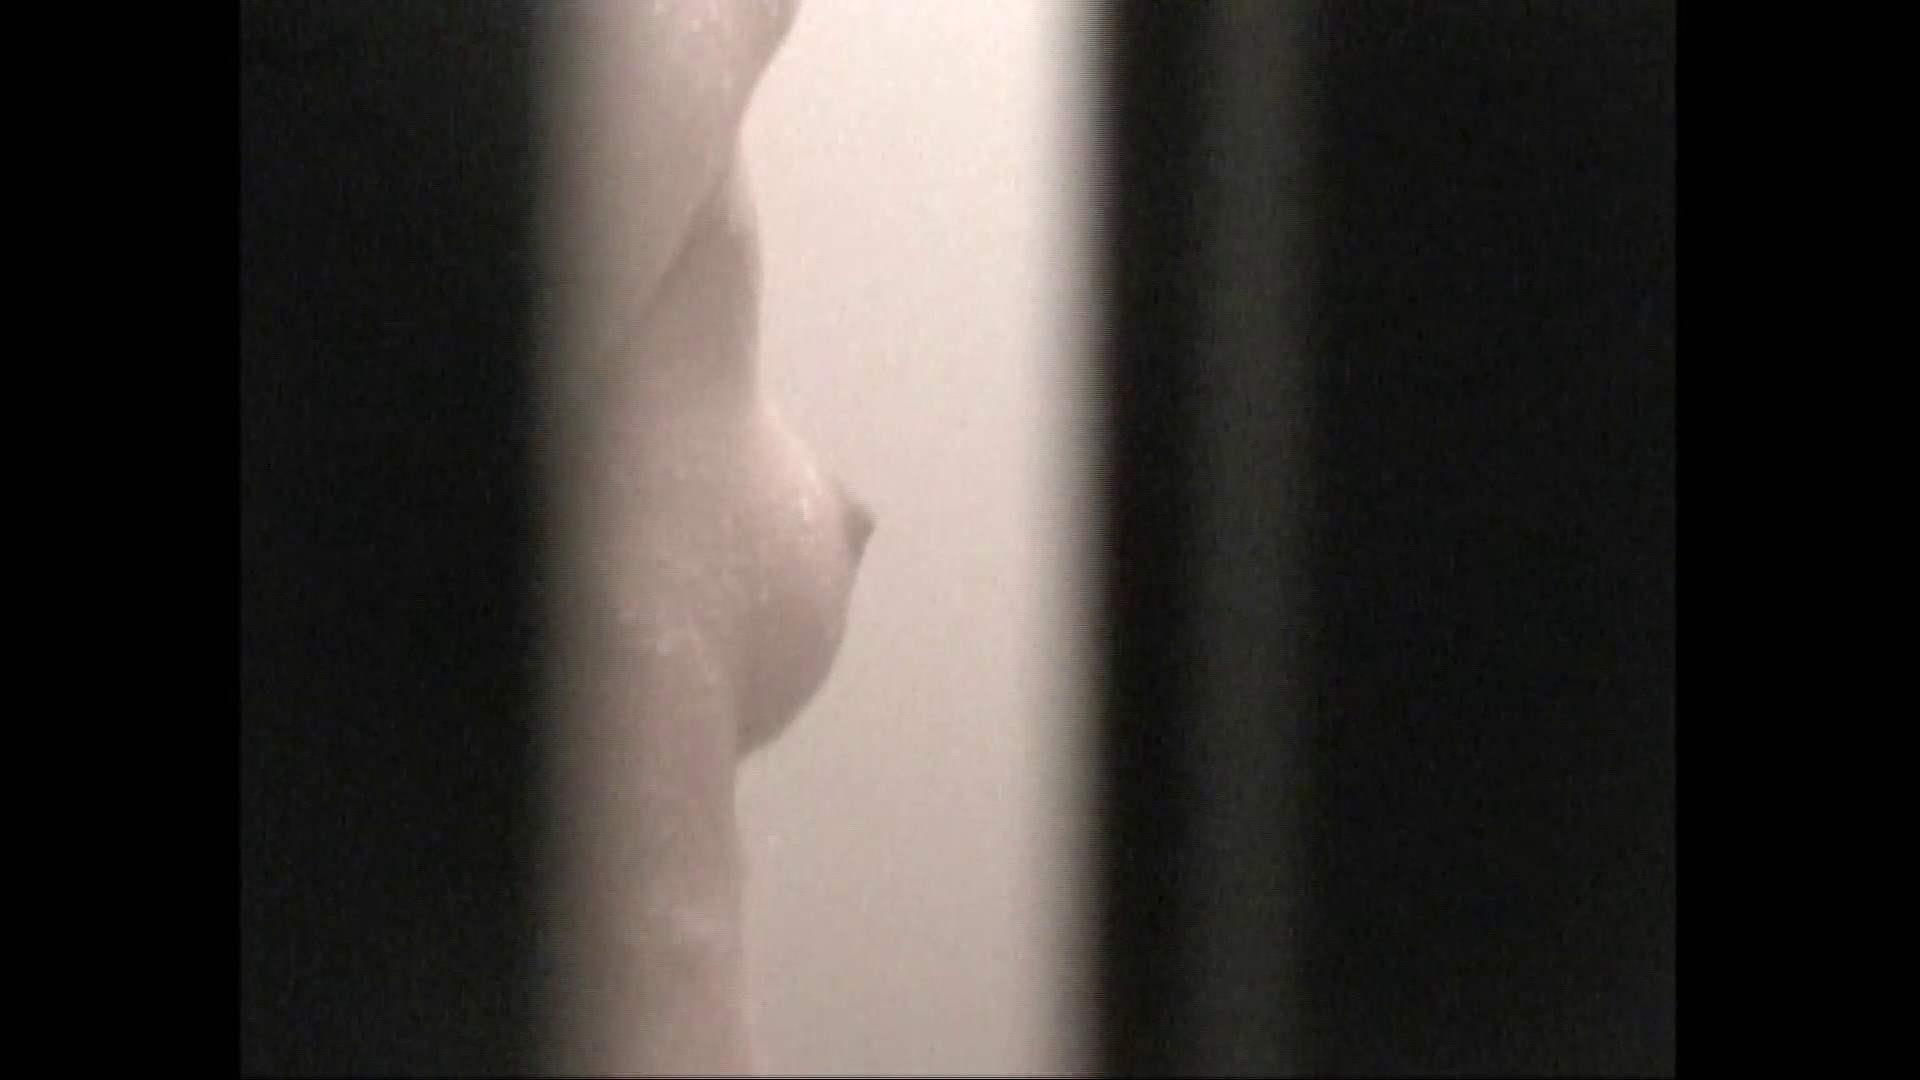 隙間からノゾク風呂 Vol.29 股をグイッとひらいて・・・。 入浴中の女性  69PIX 54